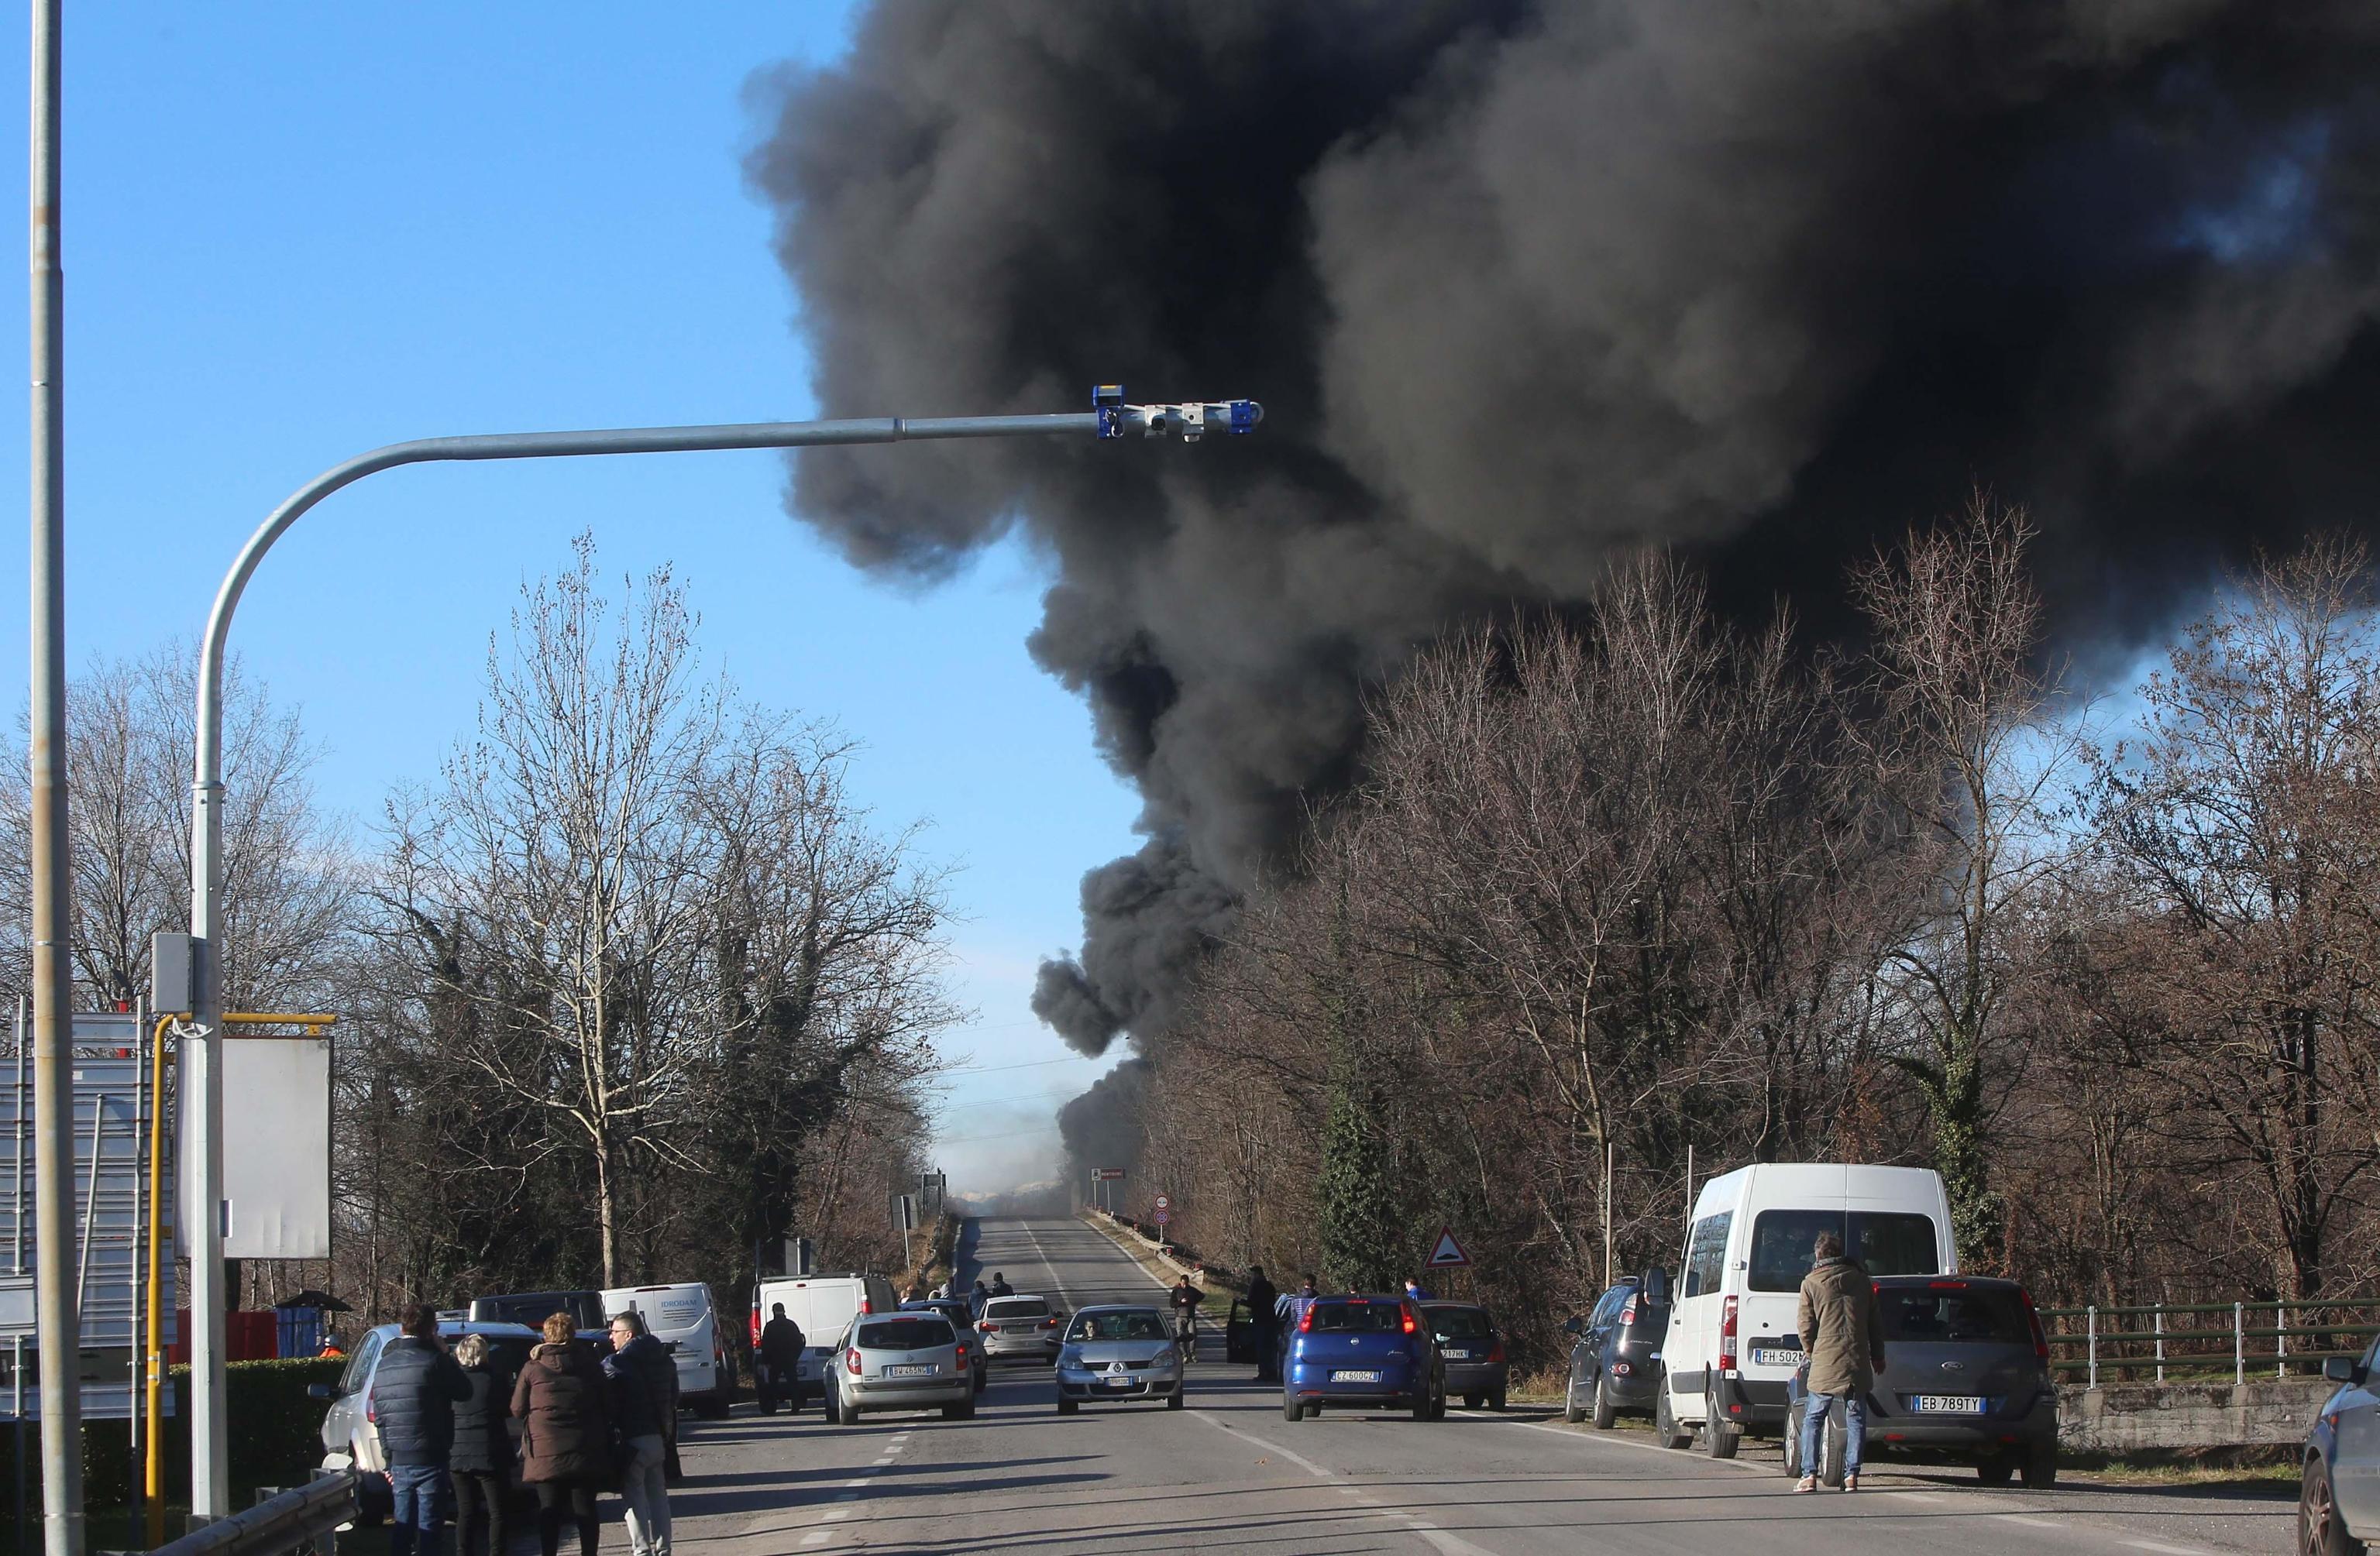 ++ Si incendia cisterna su A21, sei morti ++